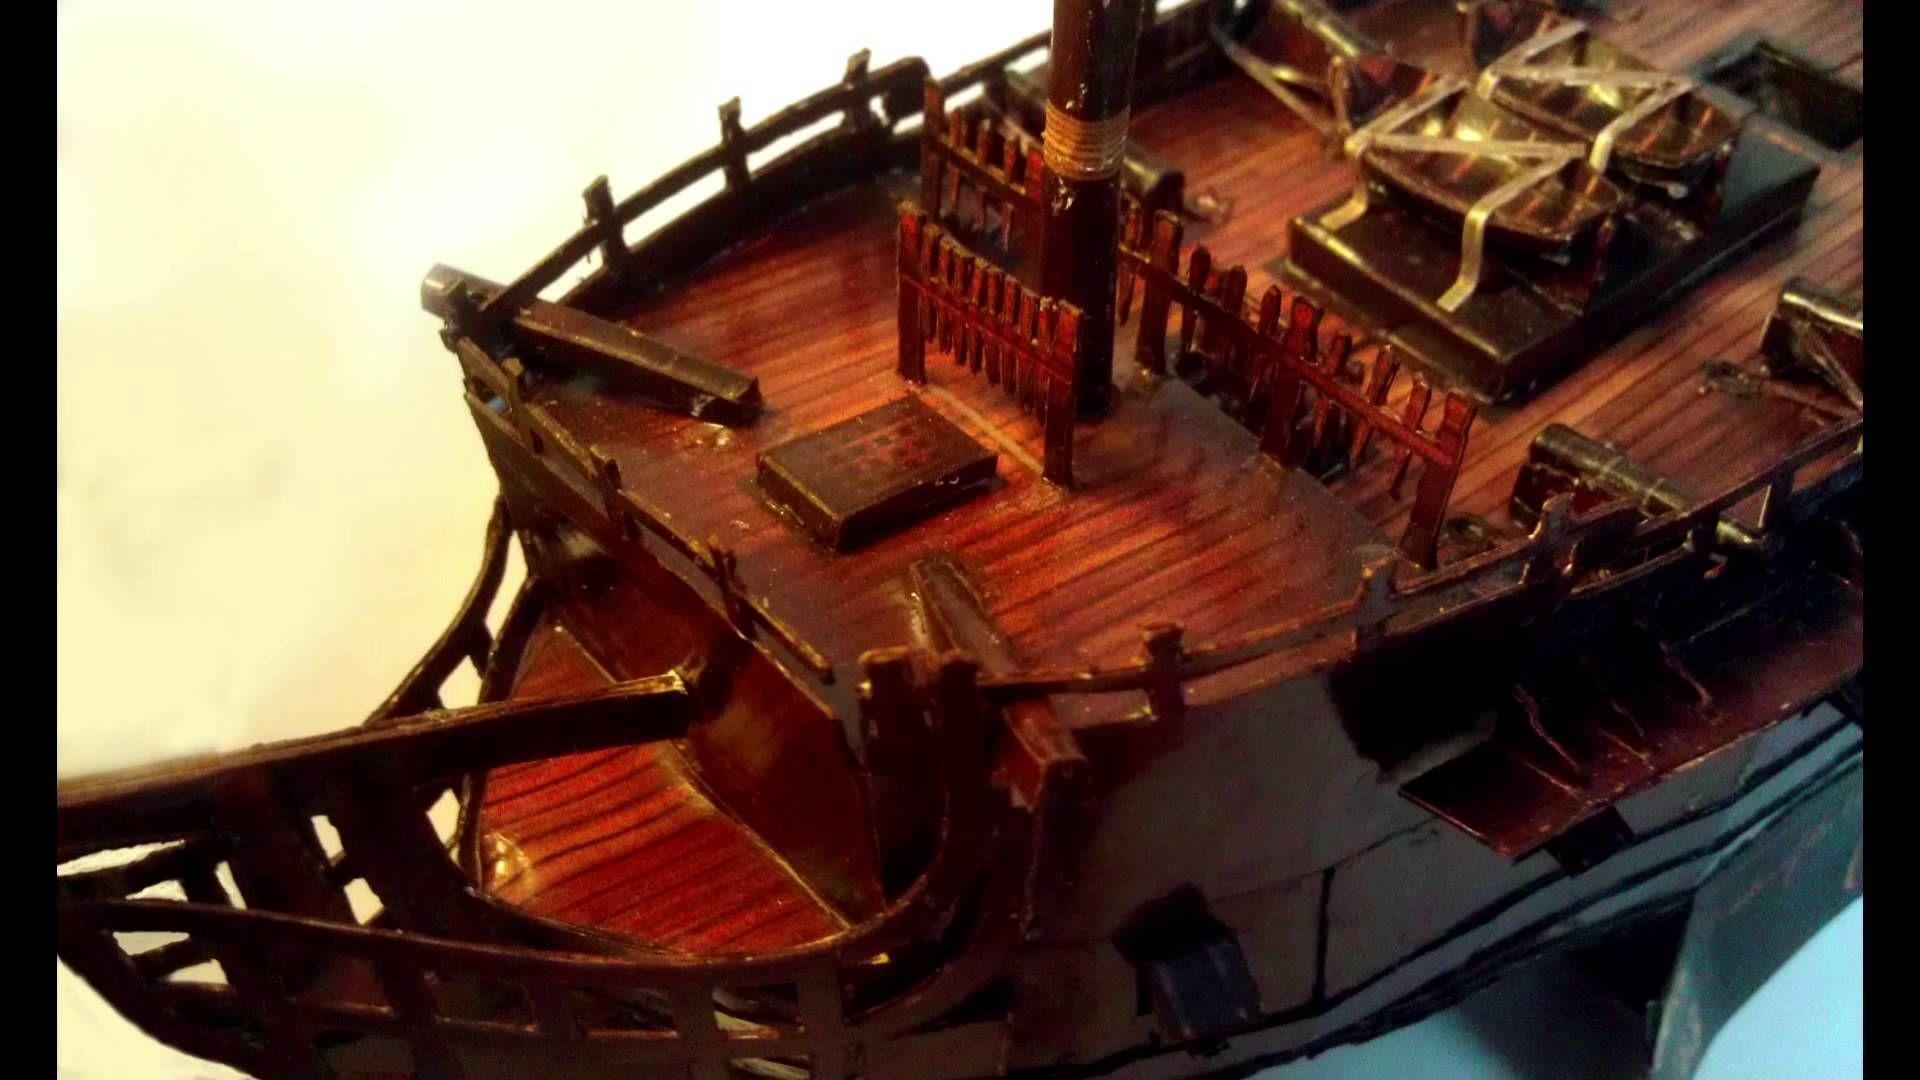 Pirate Ship Papercraft Картинки по запросу подеРка на тему пиратов карибского моря